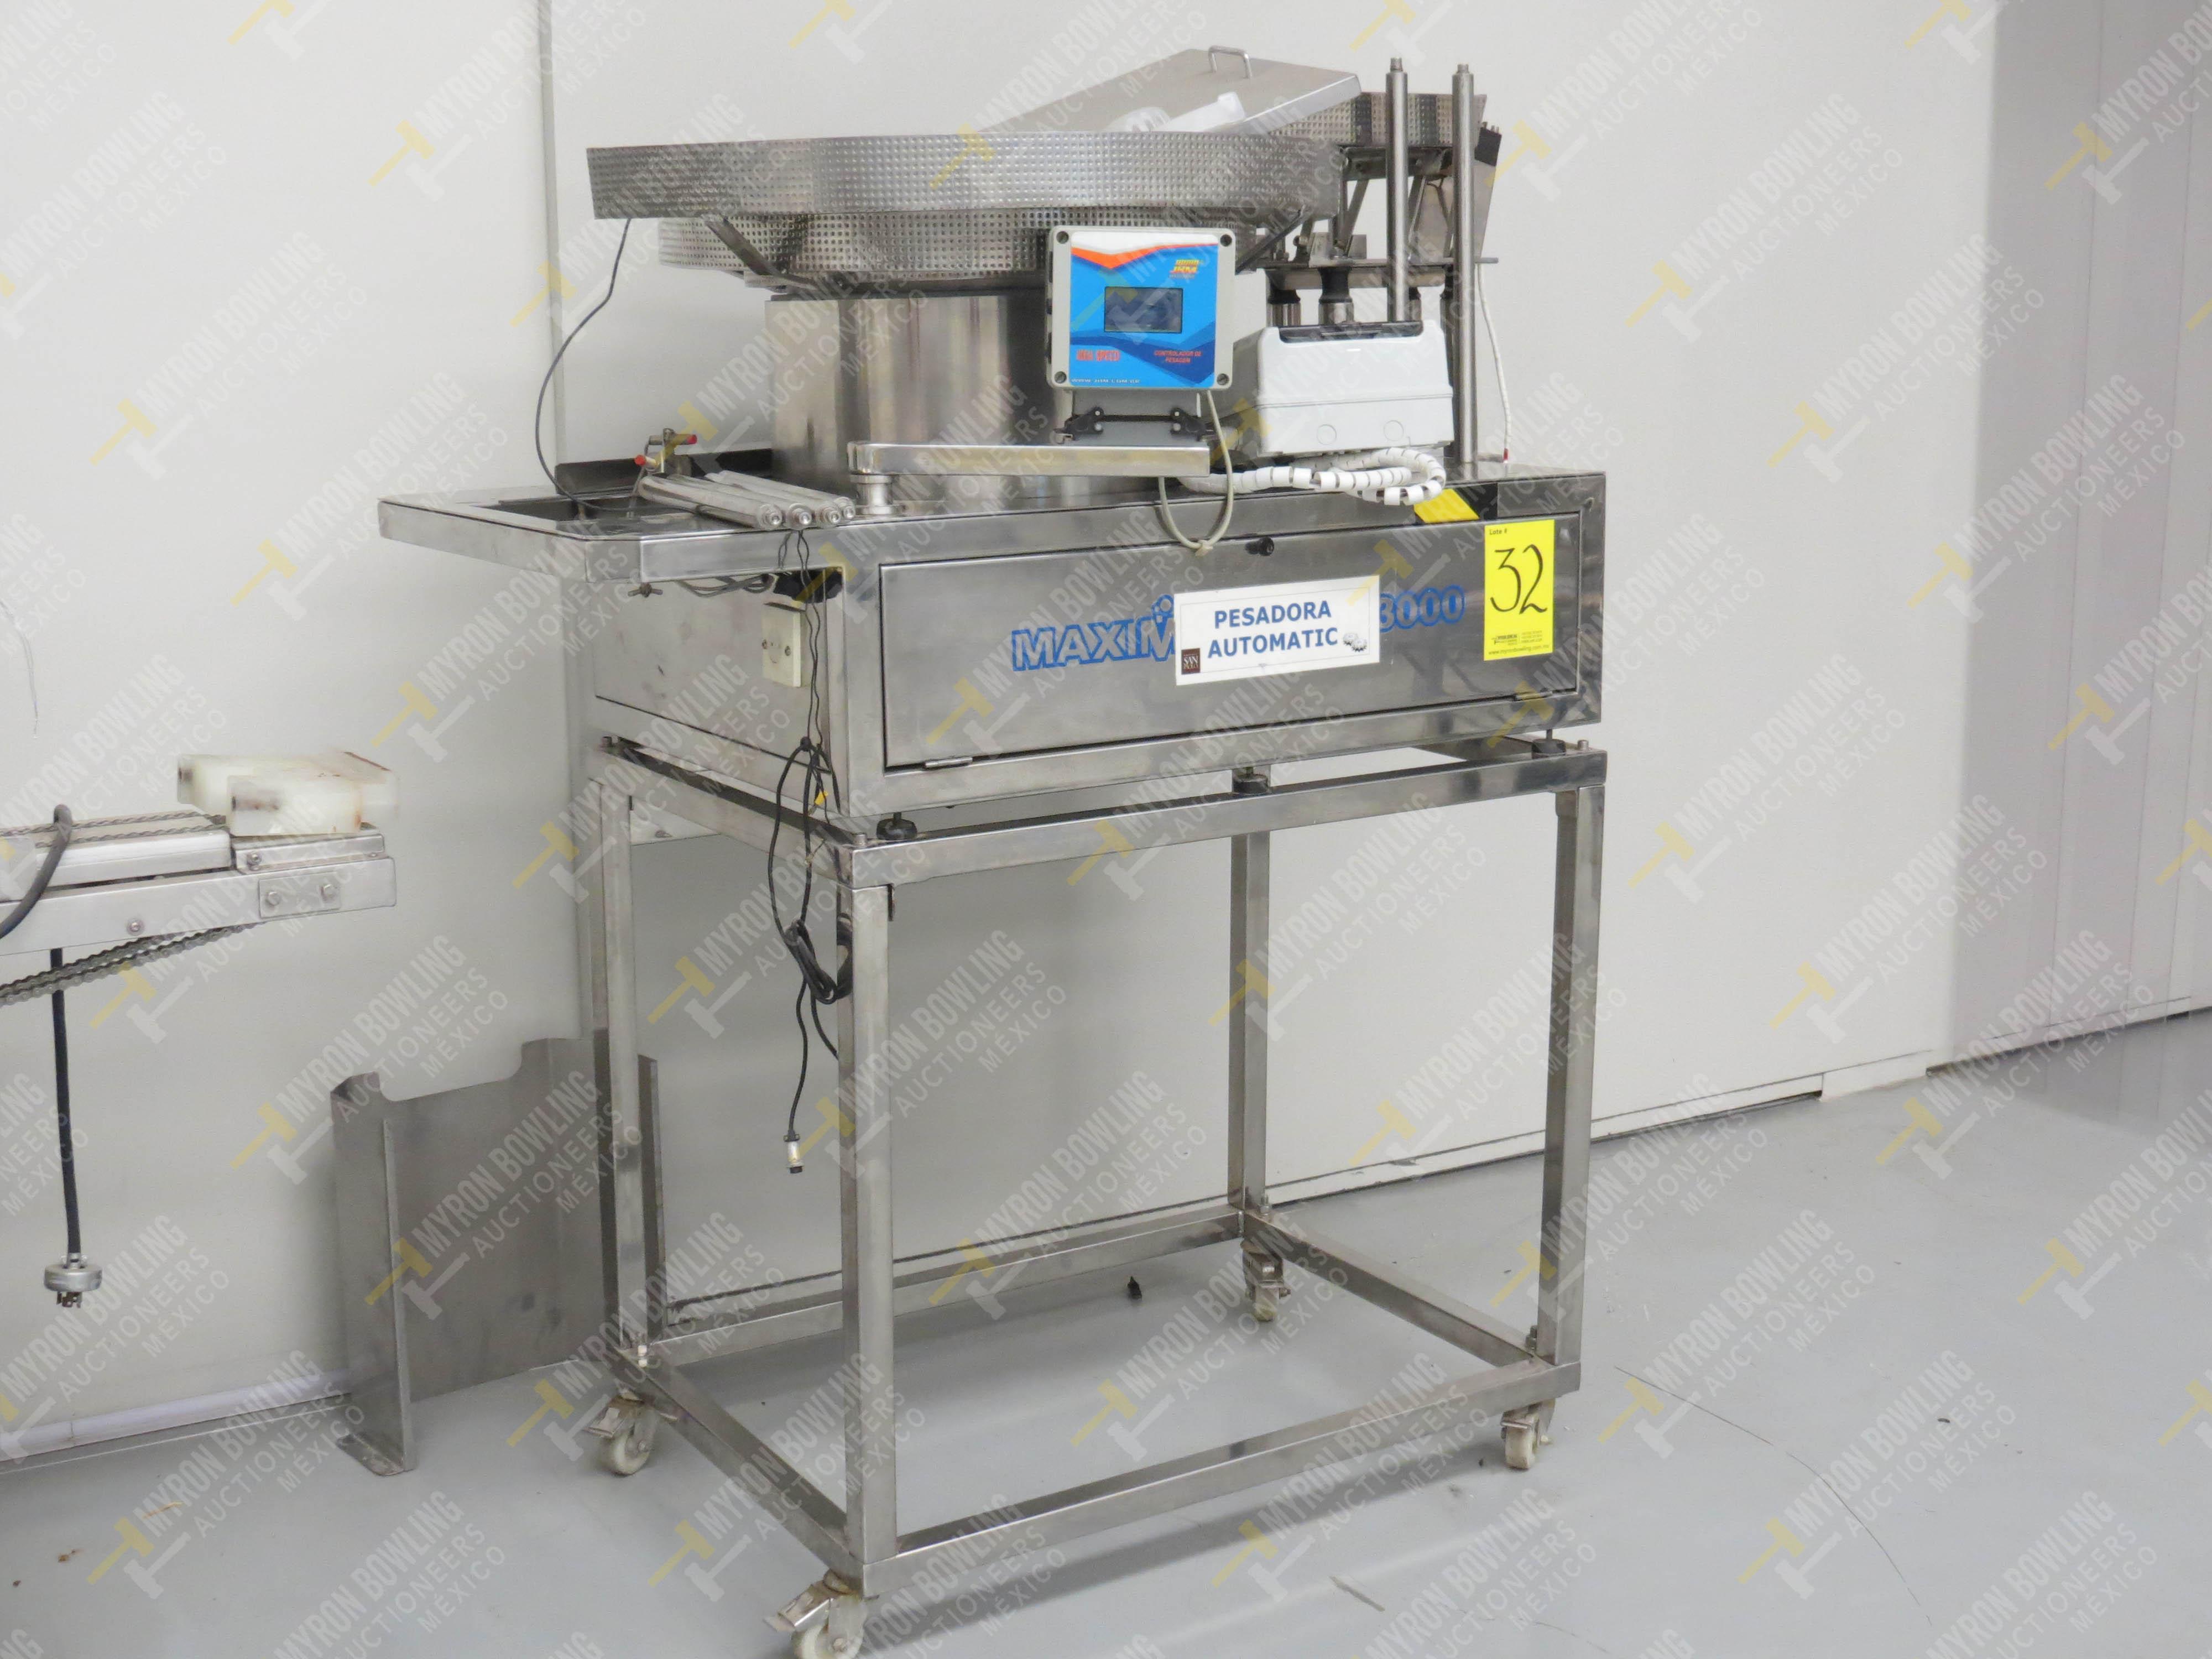 Pesadora automática de precisión marca JHM Máquinas, Modelo Maximatic CLP 3000 Incluye … - Image 2 of 5